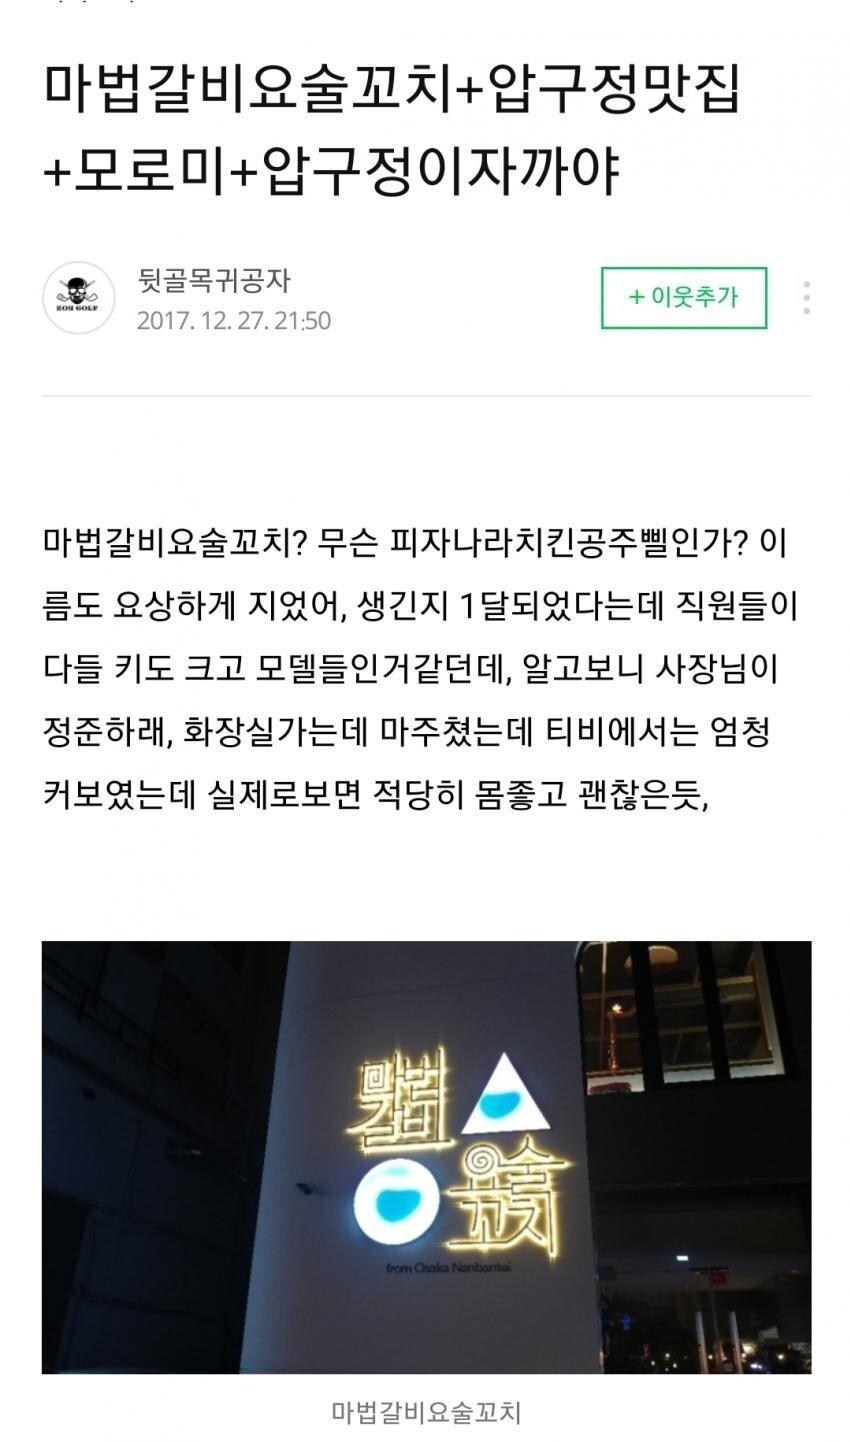 1568216824 (2).jpg 정준하가 방송접고 하는 가게 후기.....JPG